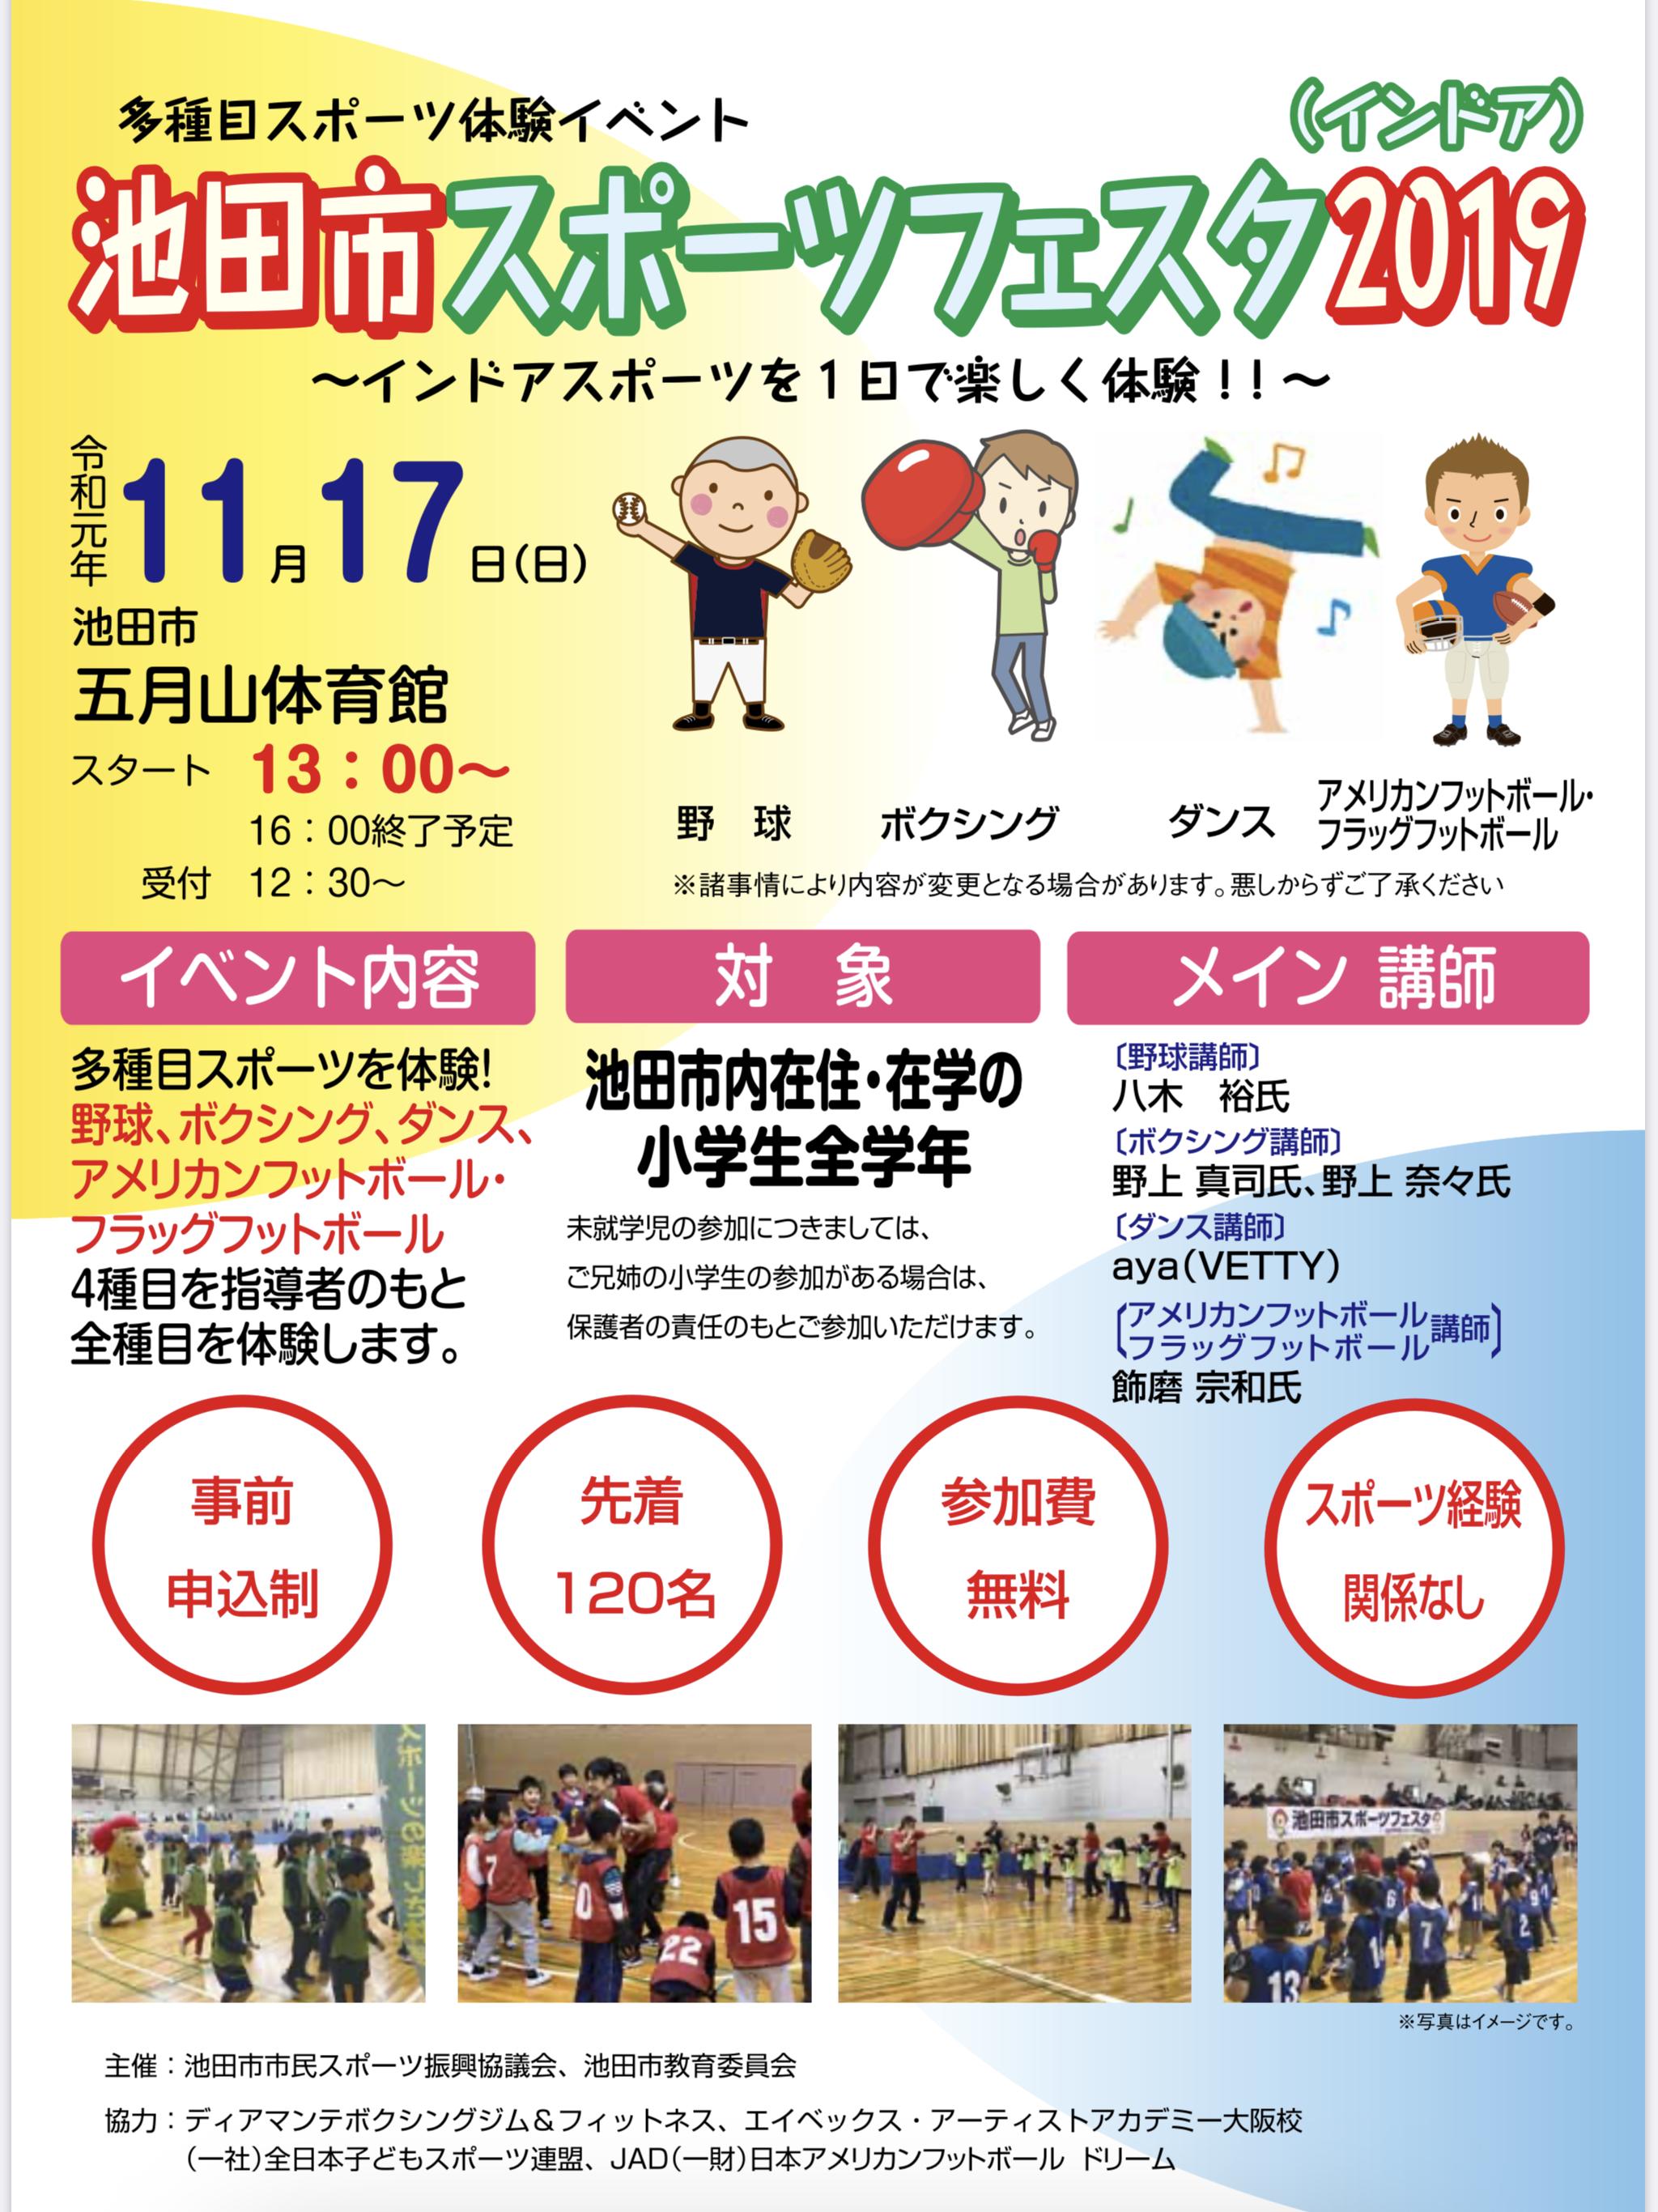 池田市スポーツフェスタ2019